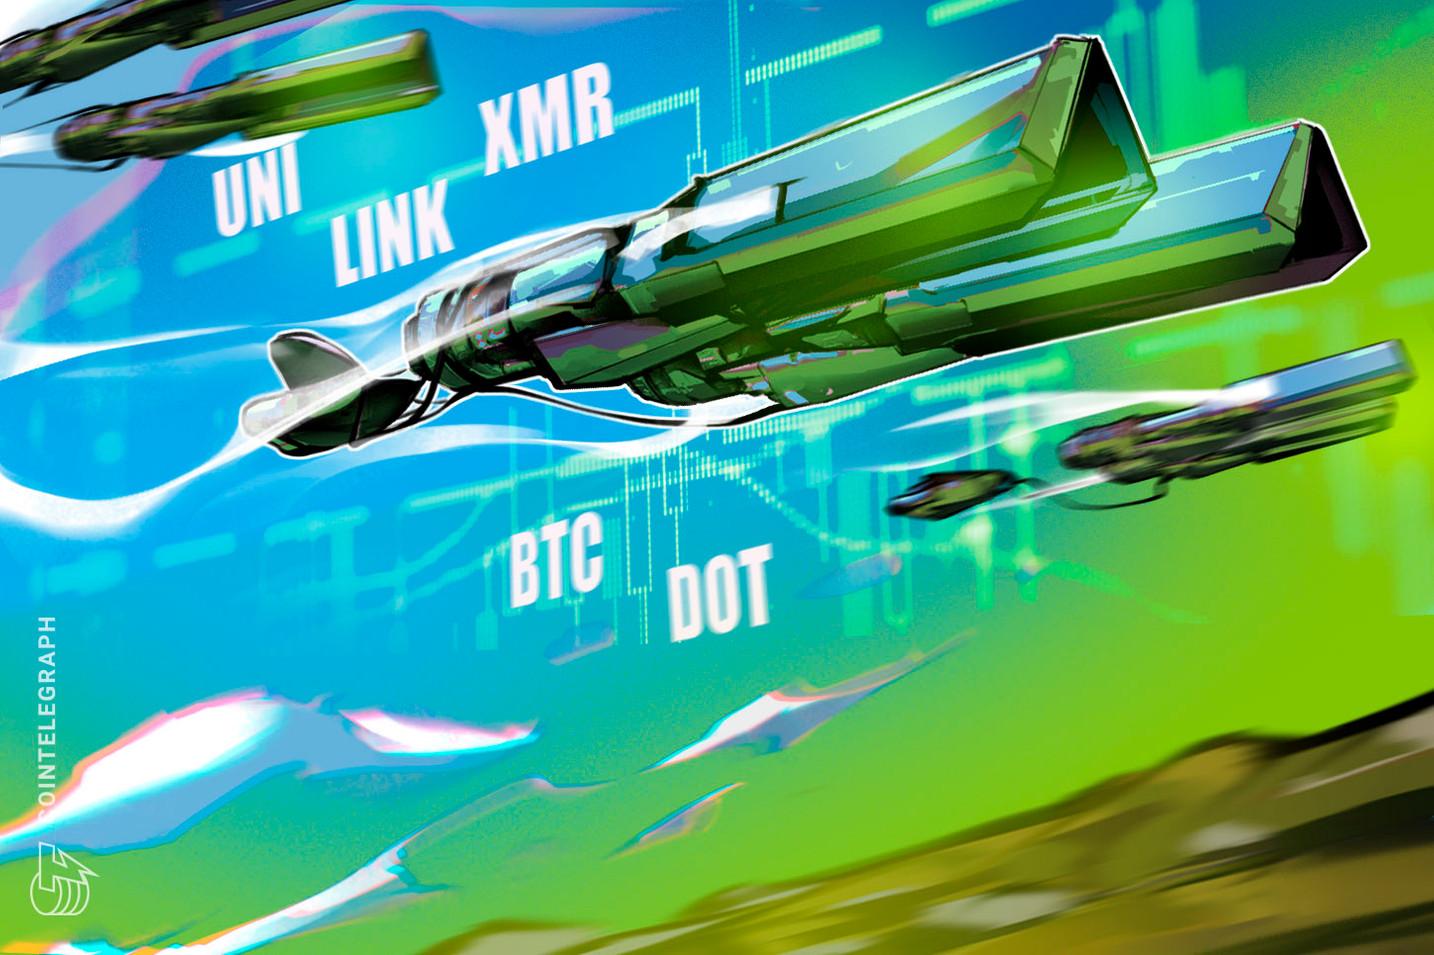 本周最值得关注的5种加密货币:BTC、DOT、UNI、LINK、XMR